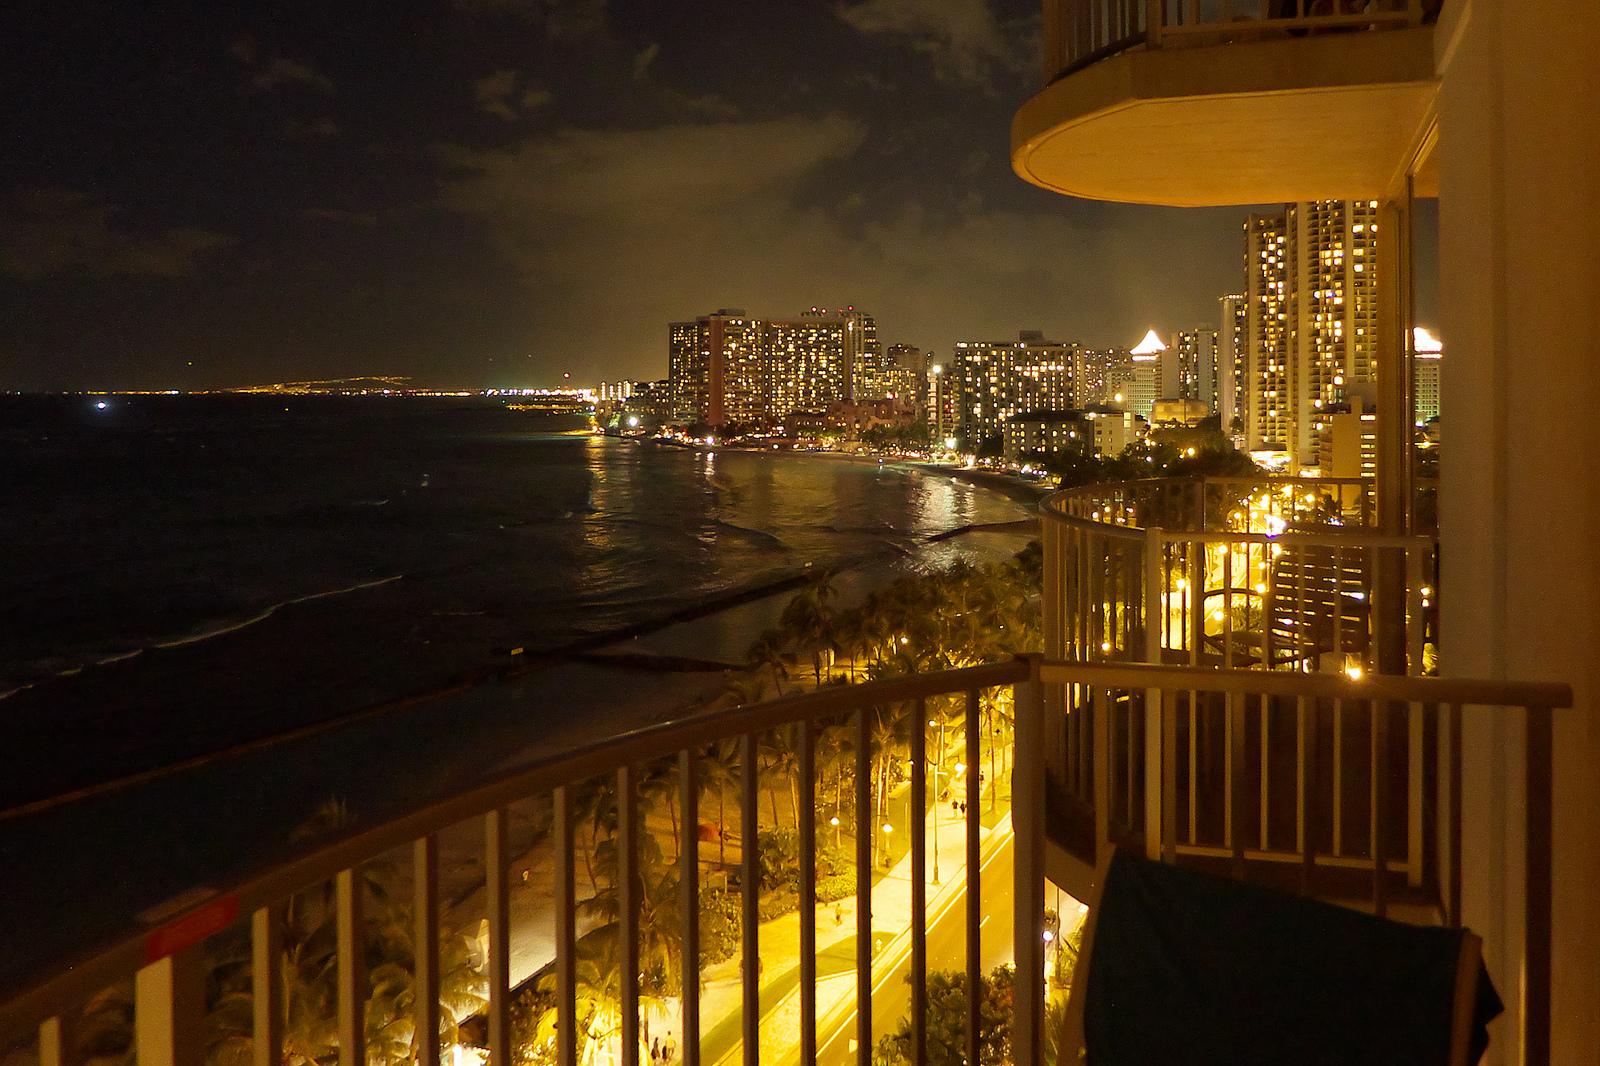 Aston Waikiki Beach Hotel at Night